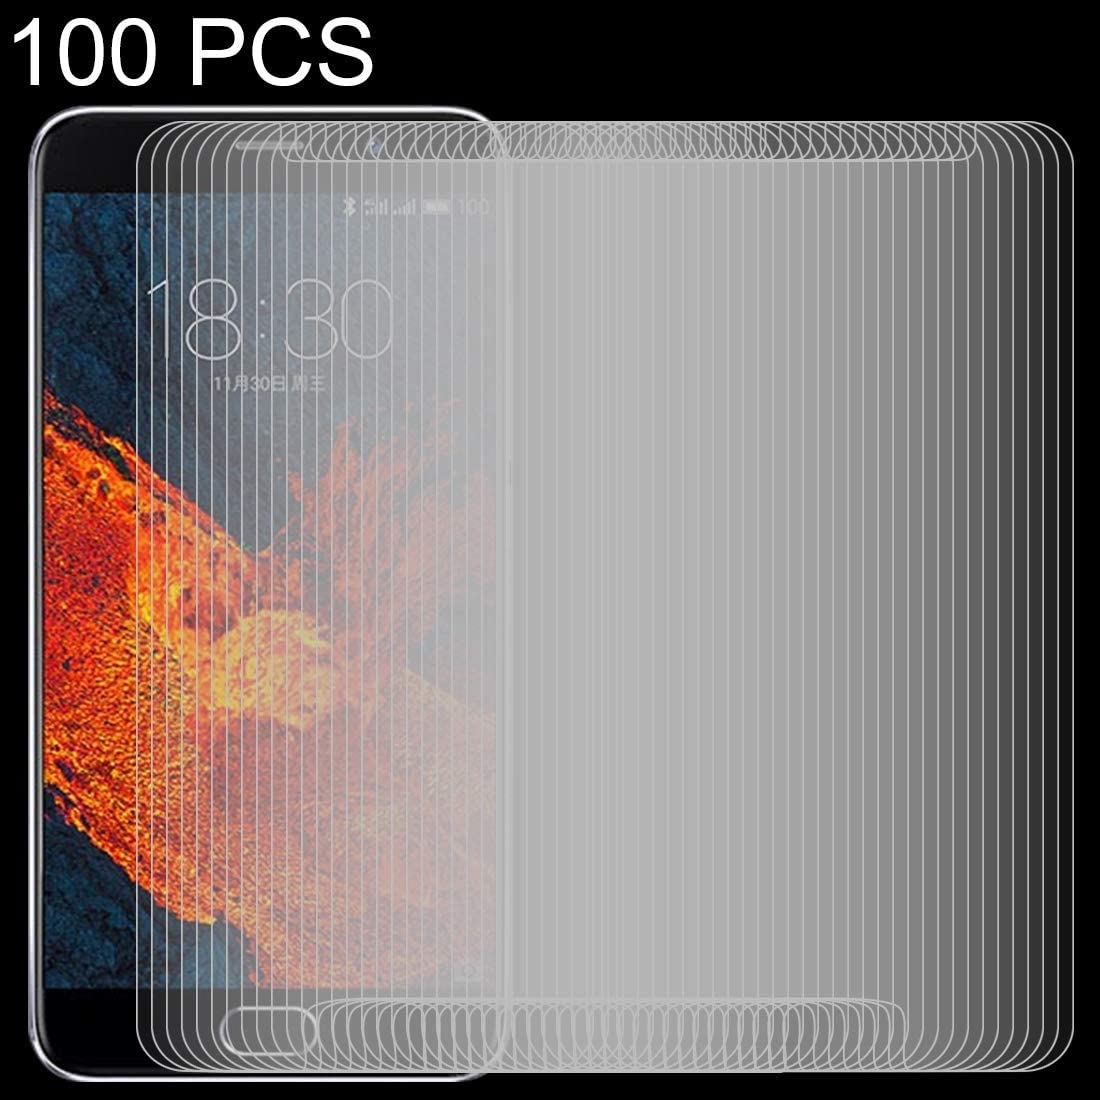 GUOSHU Premium Tempered Glass Screen Film 100 PCS 0.26mm 9H 2.5D Tempered Glass Film for Xiaomi Redmi Note 7 Anti-Scratch Screen Protector